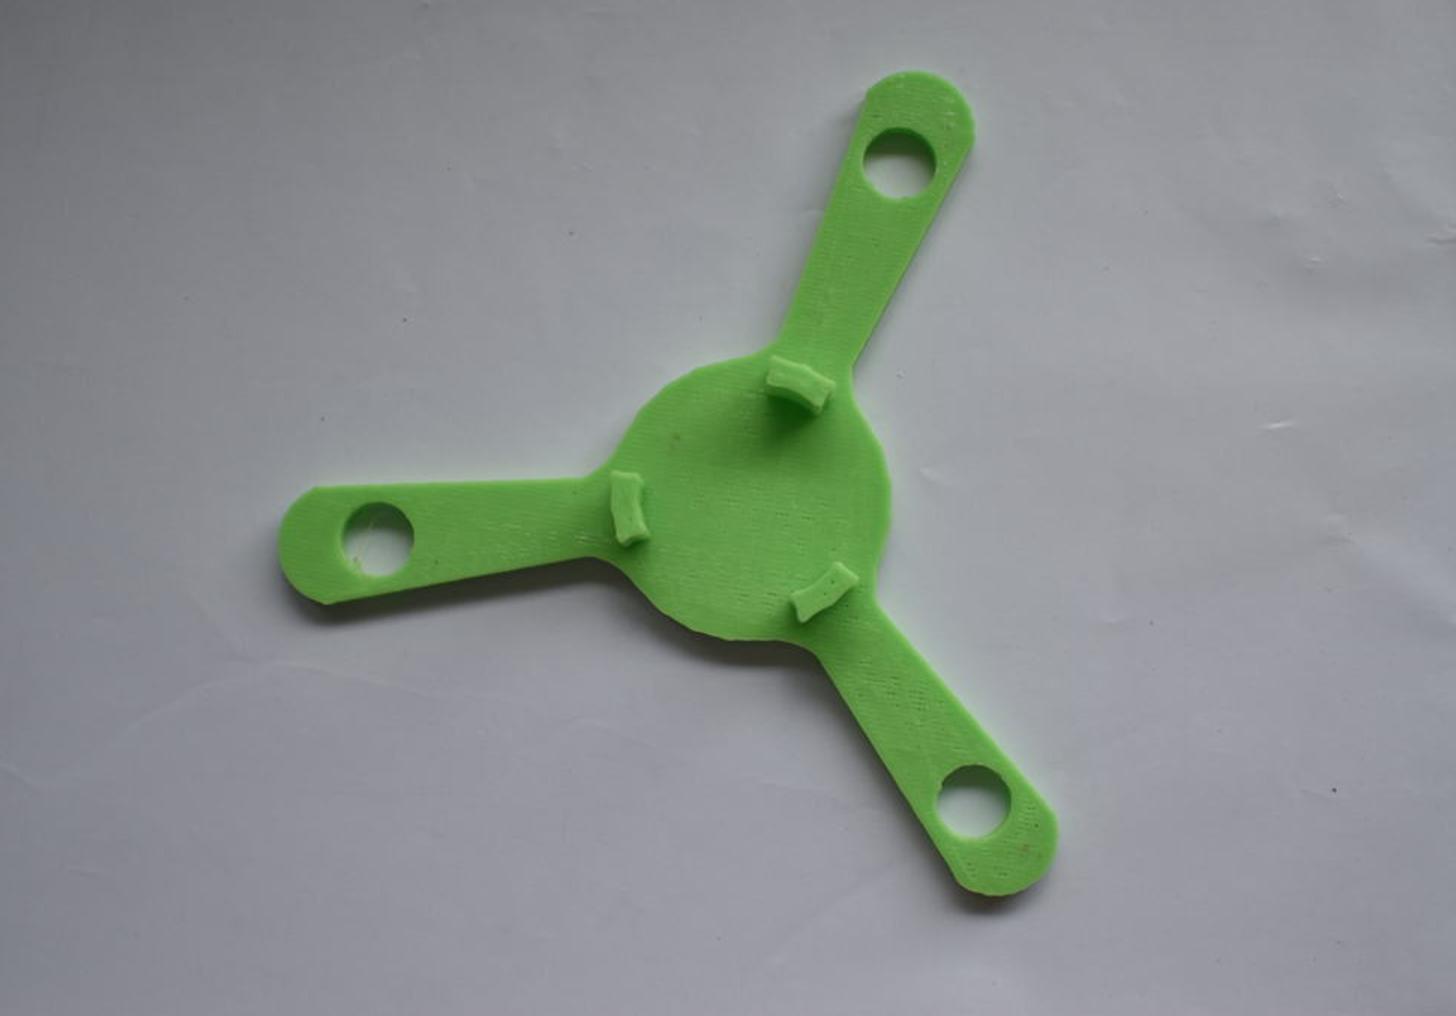 Capture d'écran 2017-05-04 à 11.17.01.png Download free STL file spool holder for several spool filament • 3D printer model, JOHLINK